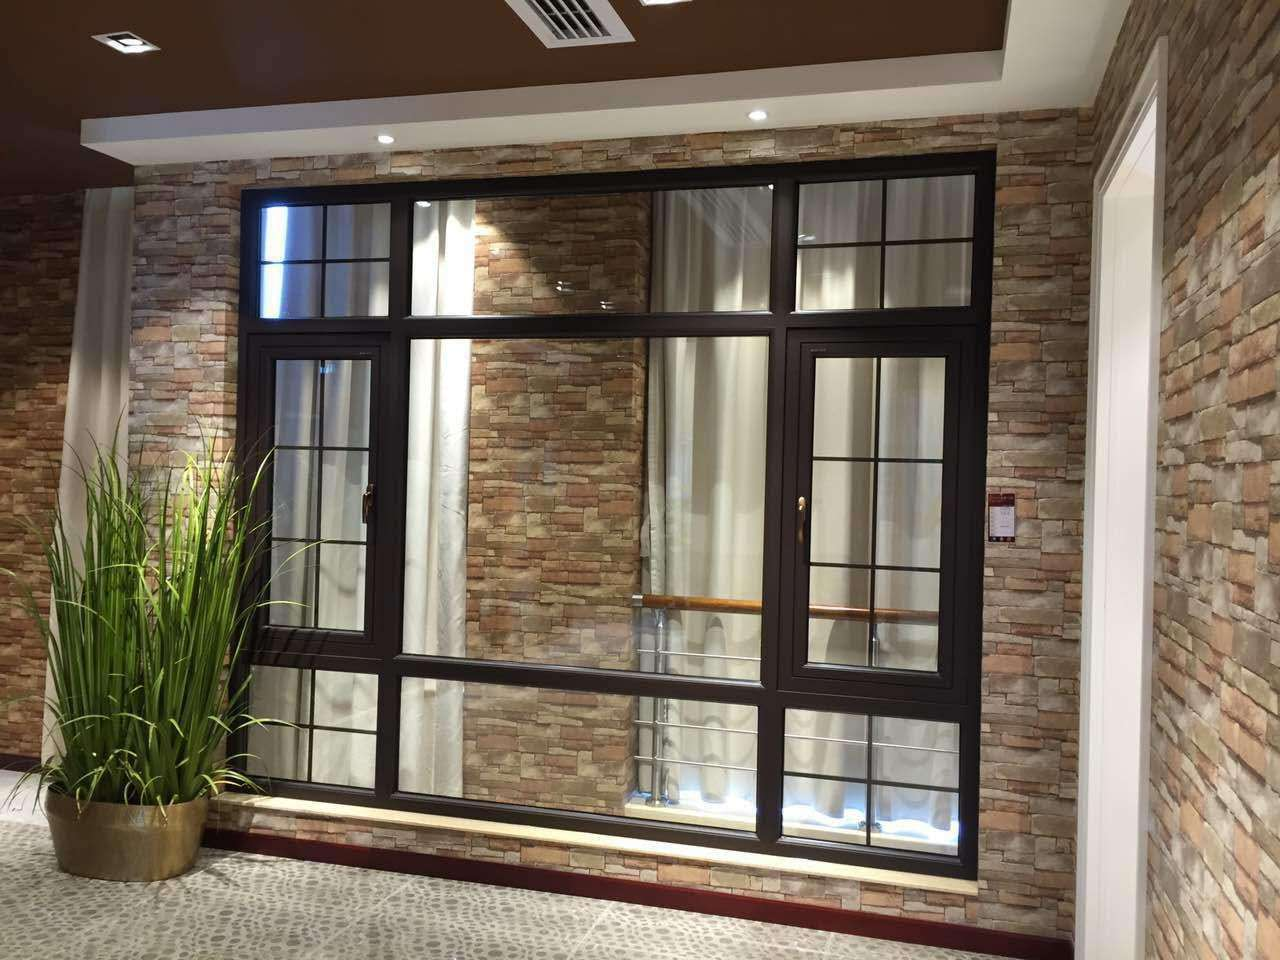 成都铝合金门窗生产厂家教你如何选购铝合金门窗